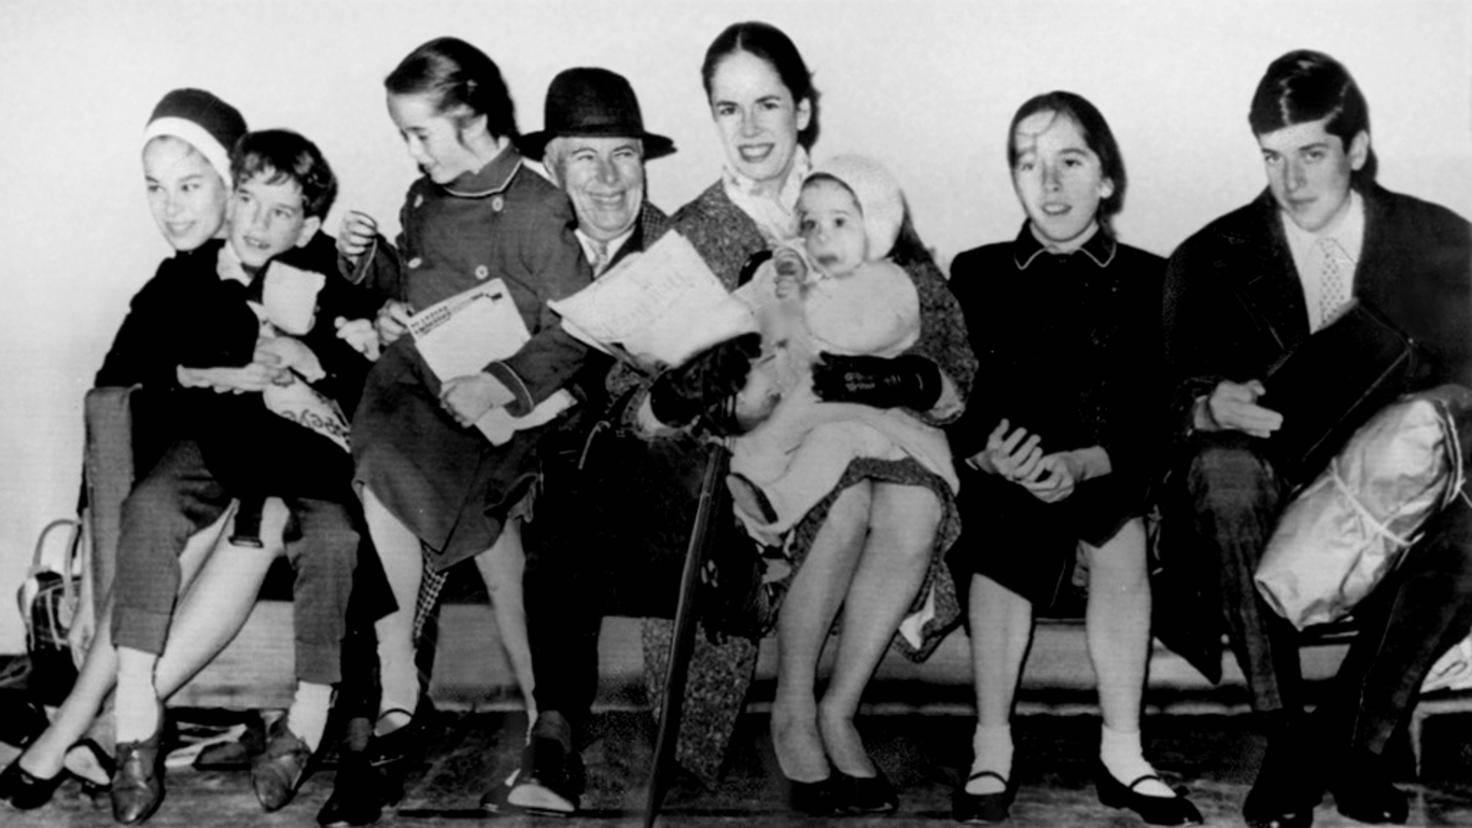 Charlie Chaplin im Jahr 1961 mit seiner Ehefrau Oona und den sechs gemeinsamen Kinder.